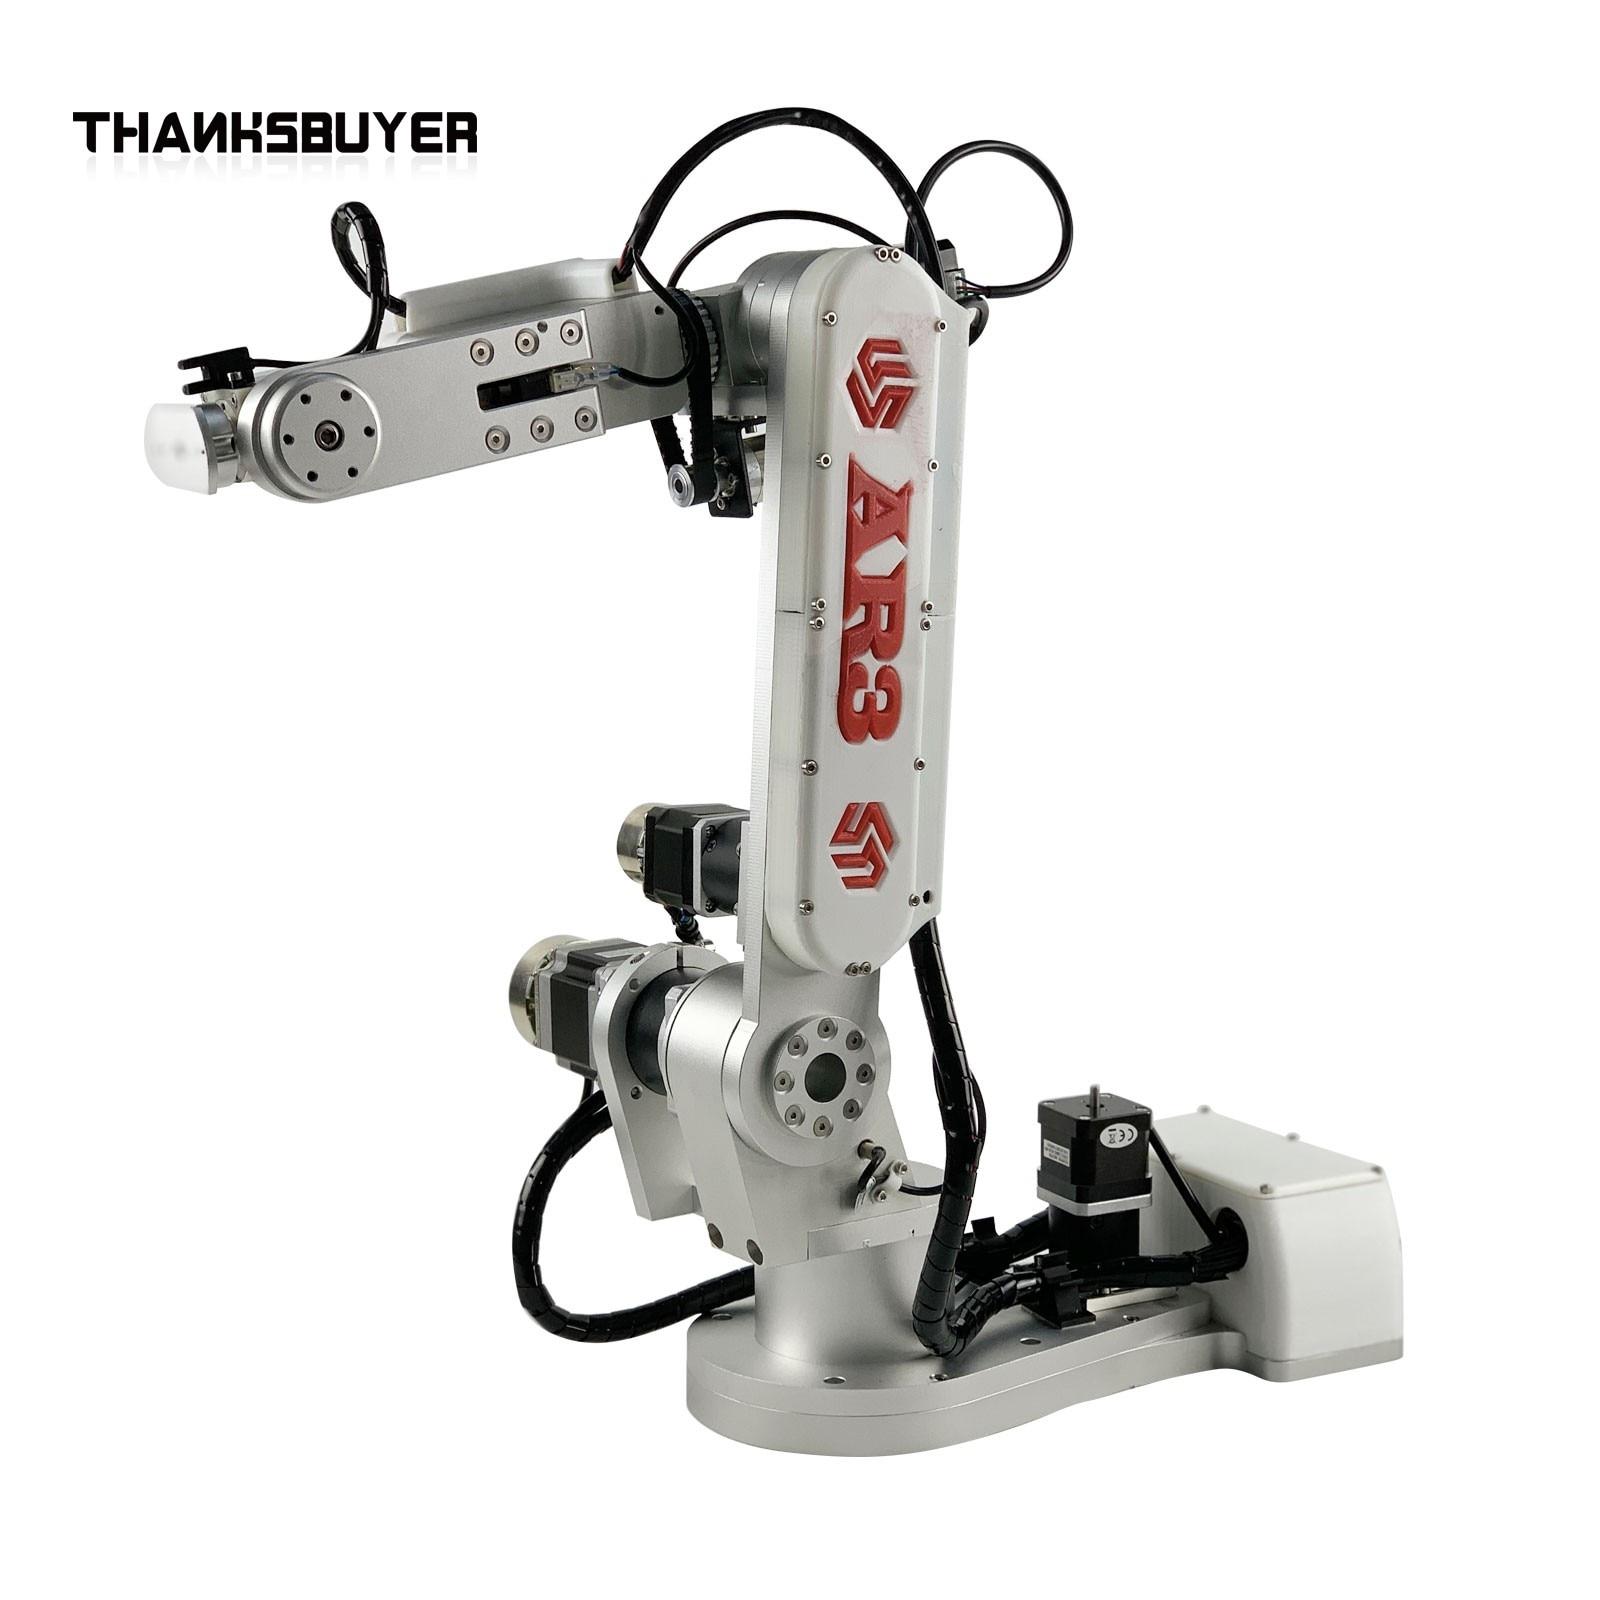 2 كجم تحميل AR3 ذراع آلي 6 محور روبوت صناعي ذراع ميكانيكية تطوير الثانوية برمجة الذراع إطار